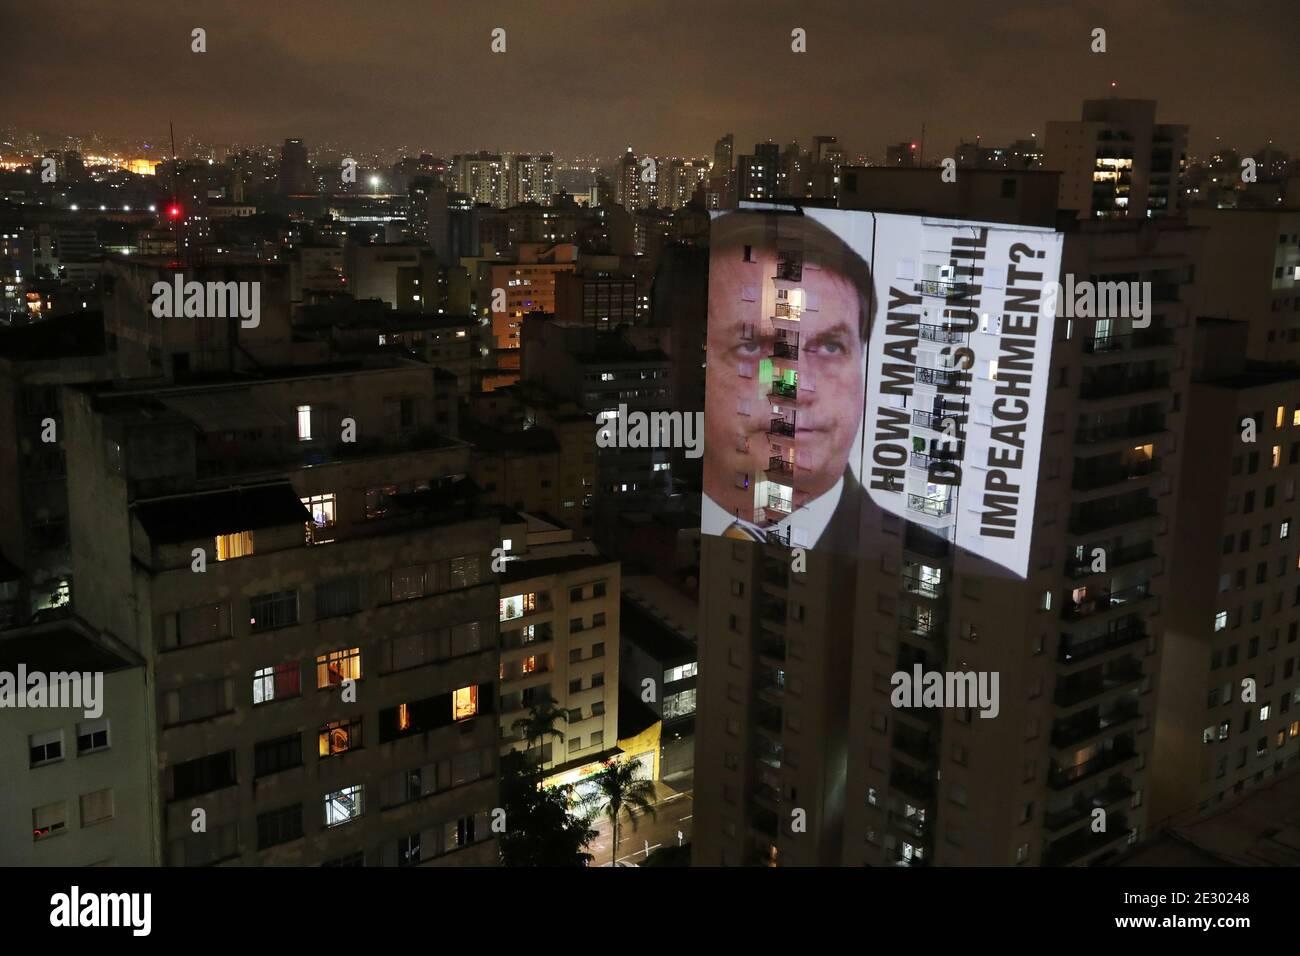 """Ein Bild des brasilianischen Präsidenten Jair Bolsonaro mit dem Satz """"wie viele Todesfälle bis zur Amtsenthebung"""" wird auf ein Gebäude projiziert, während eines Protestes gegen seine Politik gegen den Ausbruch der Coronavirus-Krankheit (COVID-19) und die Manaus-Gesundheitskrise im Viertel Santa Cecilia in Sao Paulo, Brasilien, 15. Januar 2021. REUTERS/Amanda Perobelli Stockfoto"""